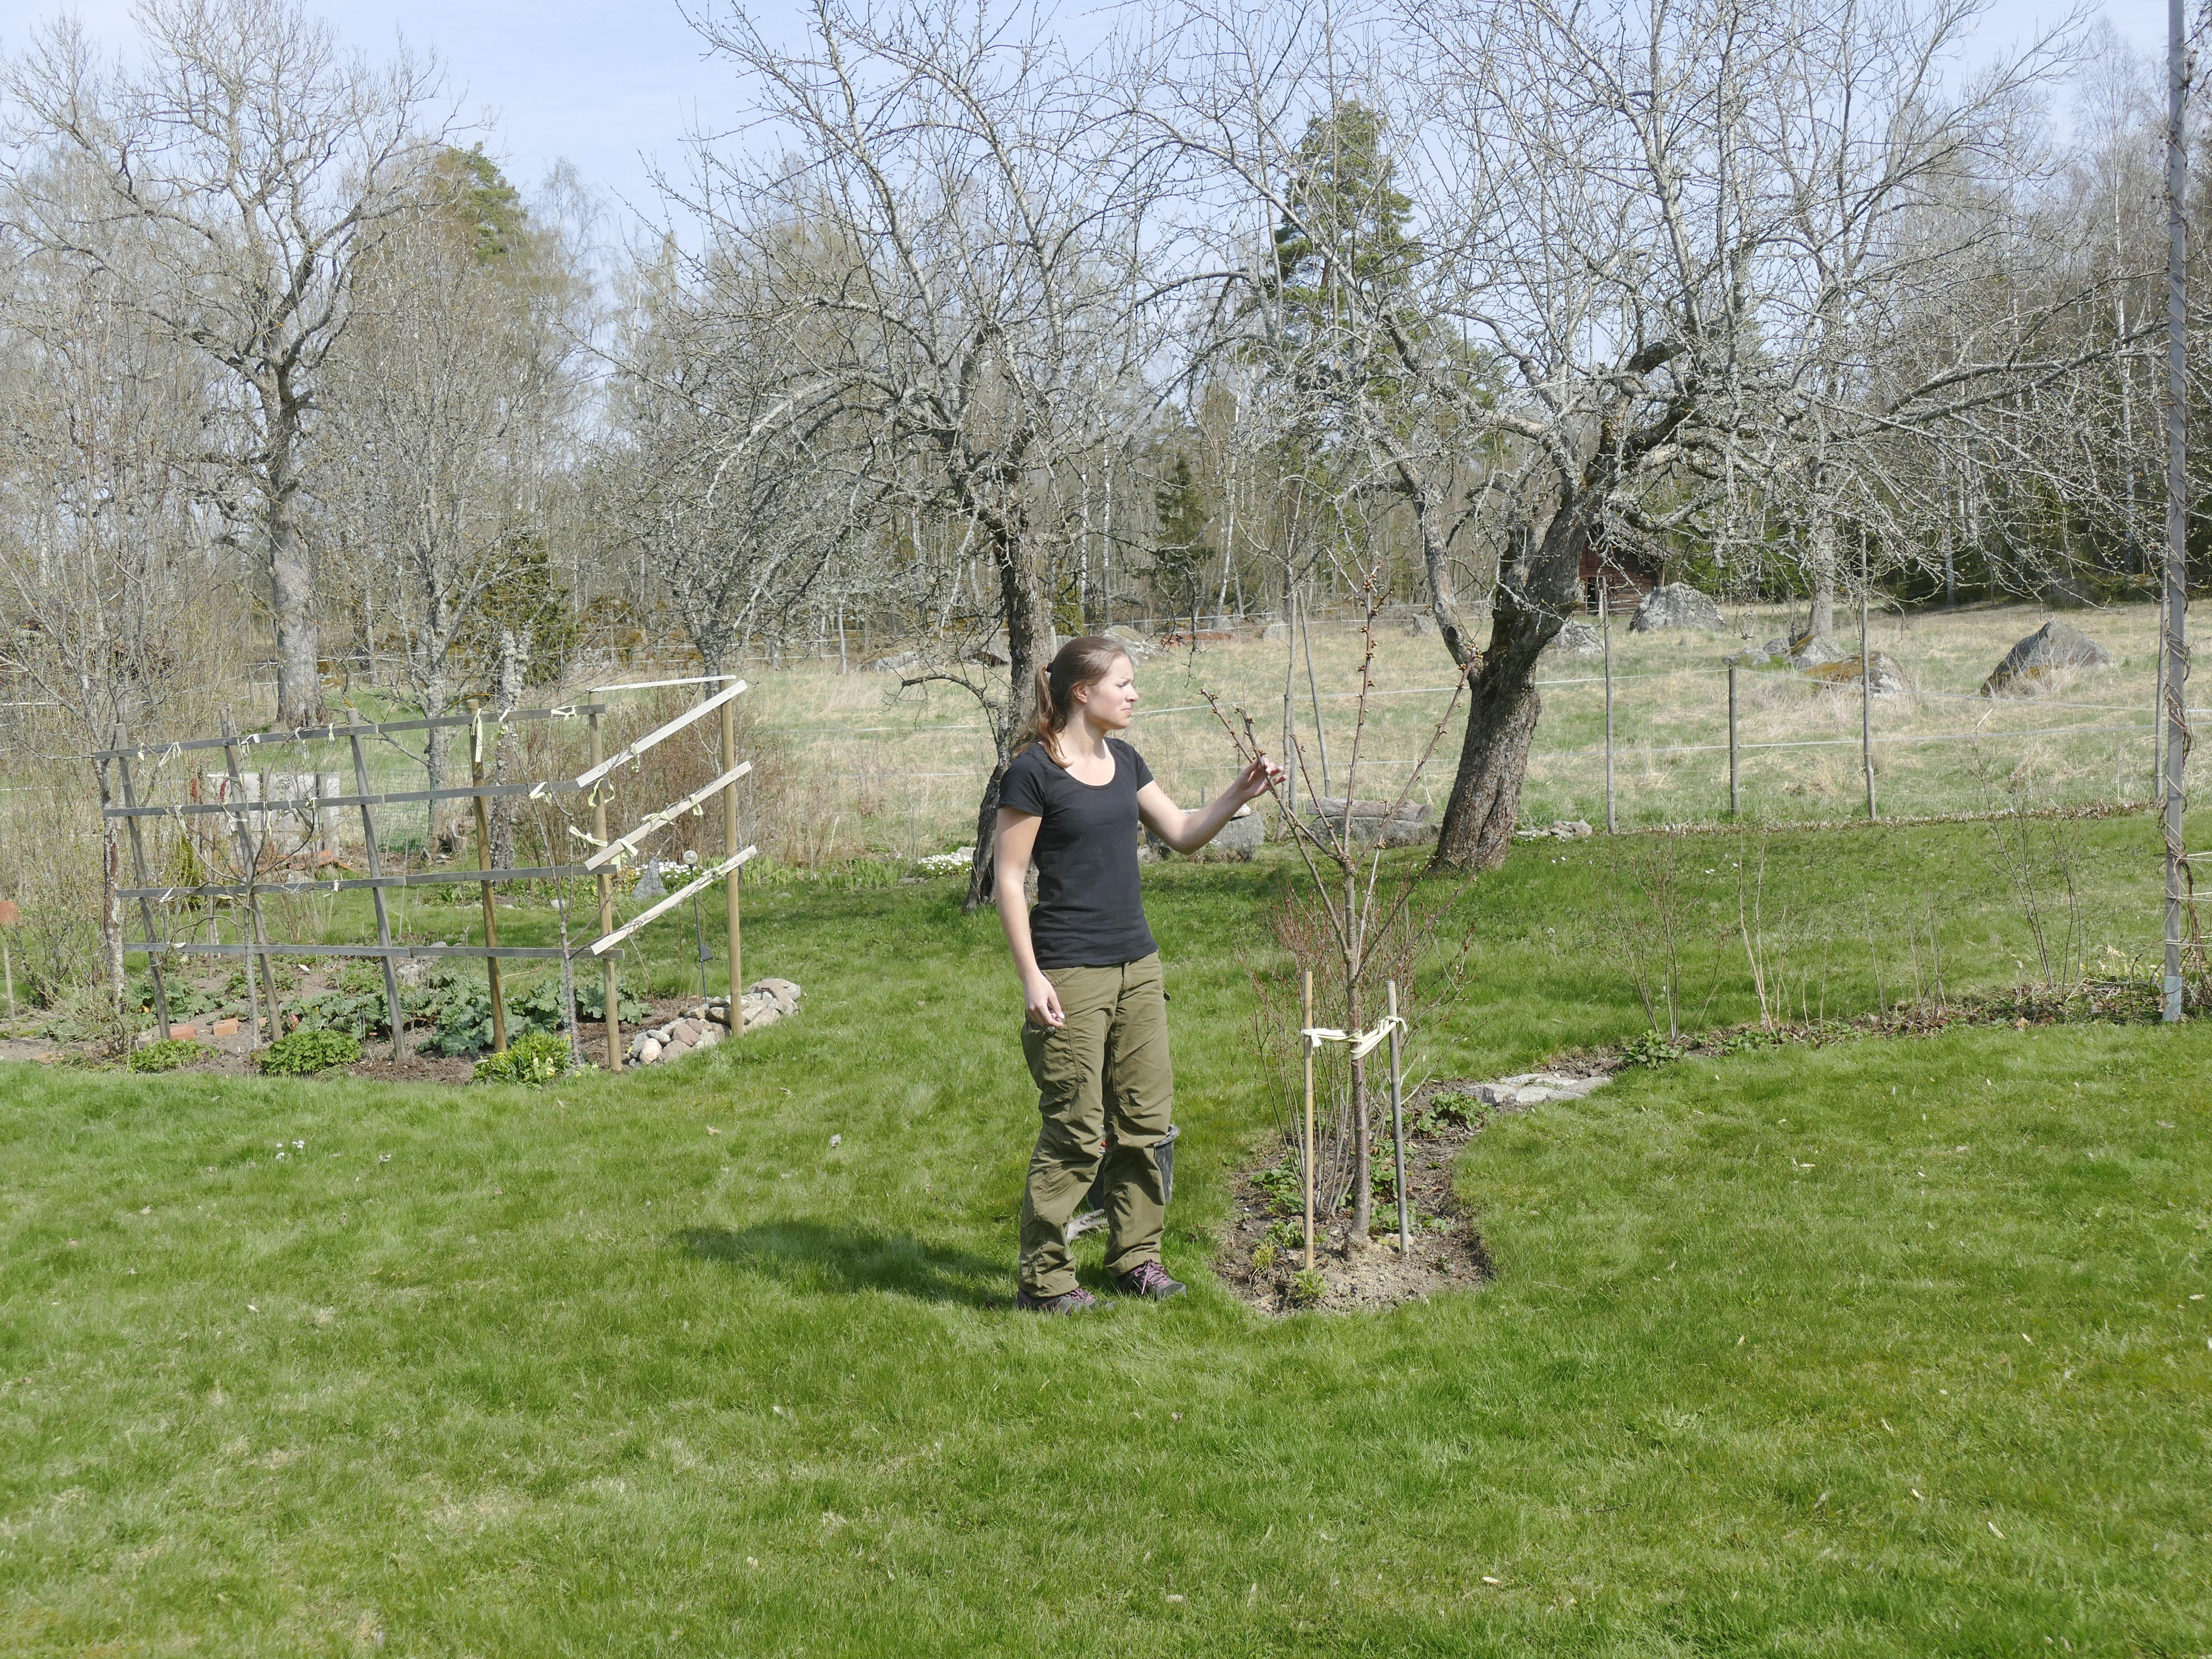 Västmanlands nyheter » trädgårdsdesignern som älskar att rita ...